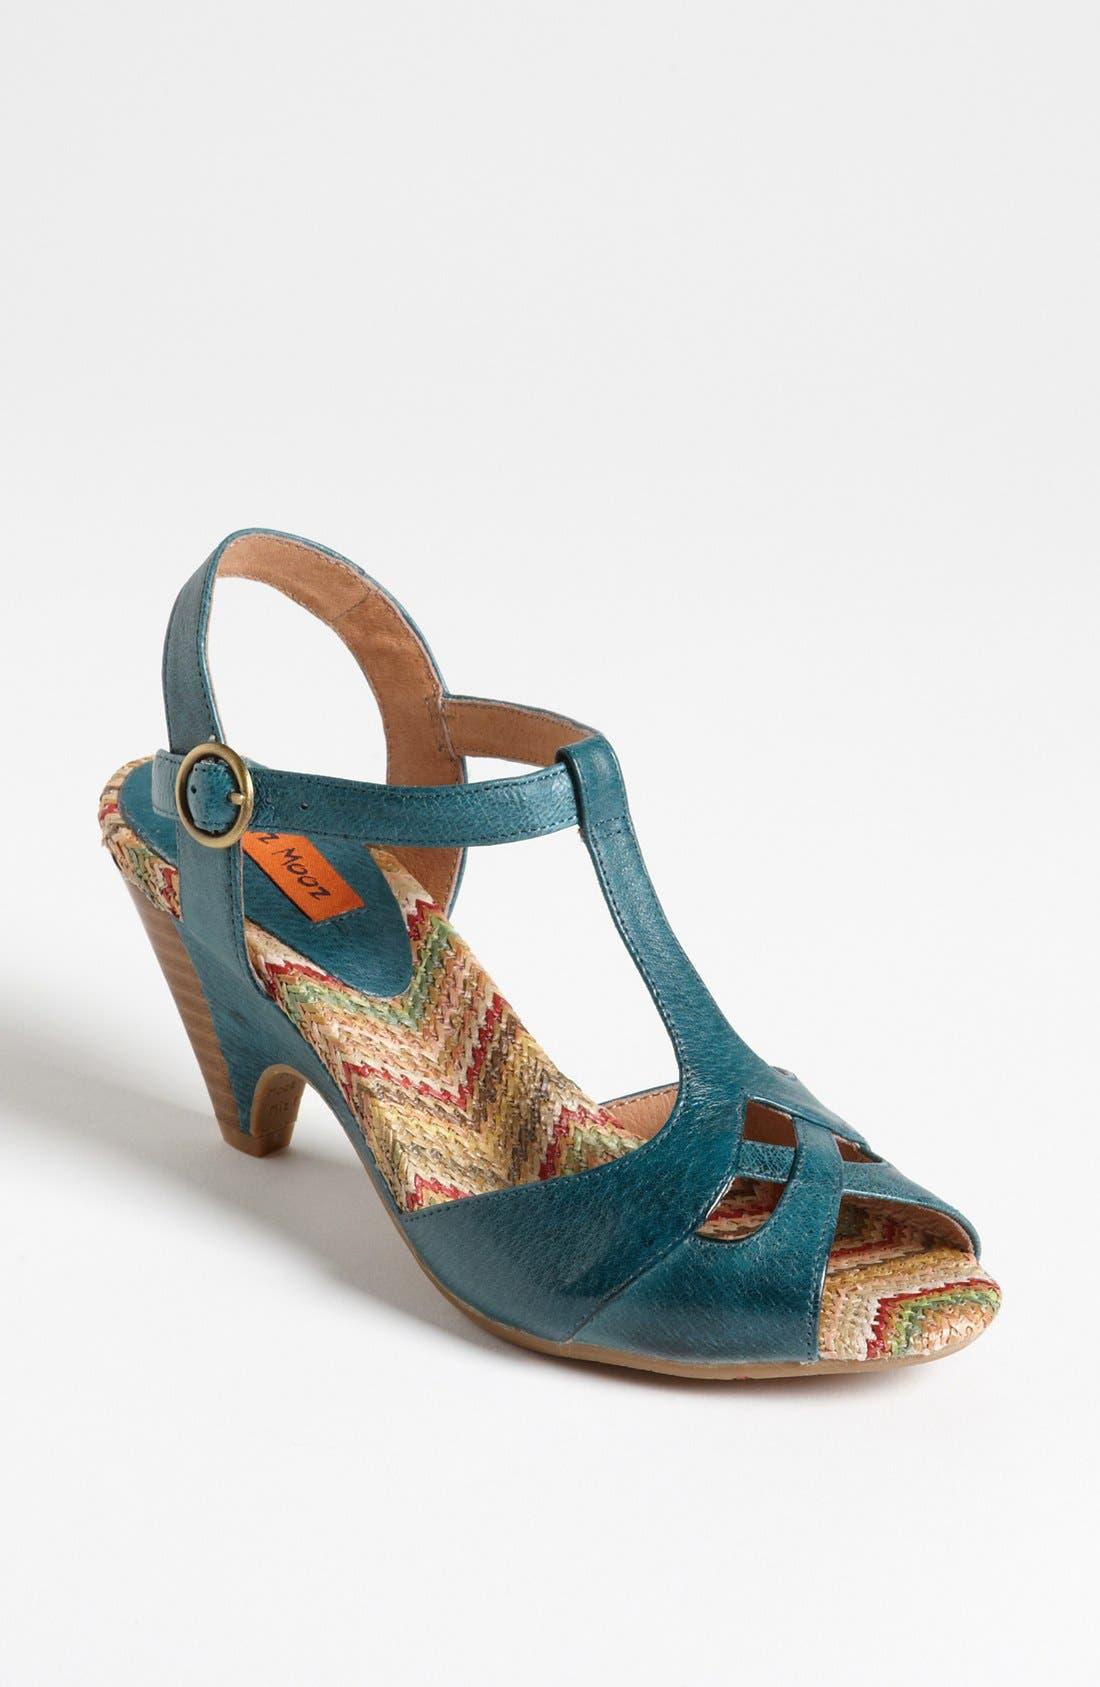 Main Image - Miz Mooz 'Waltz' Sandal